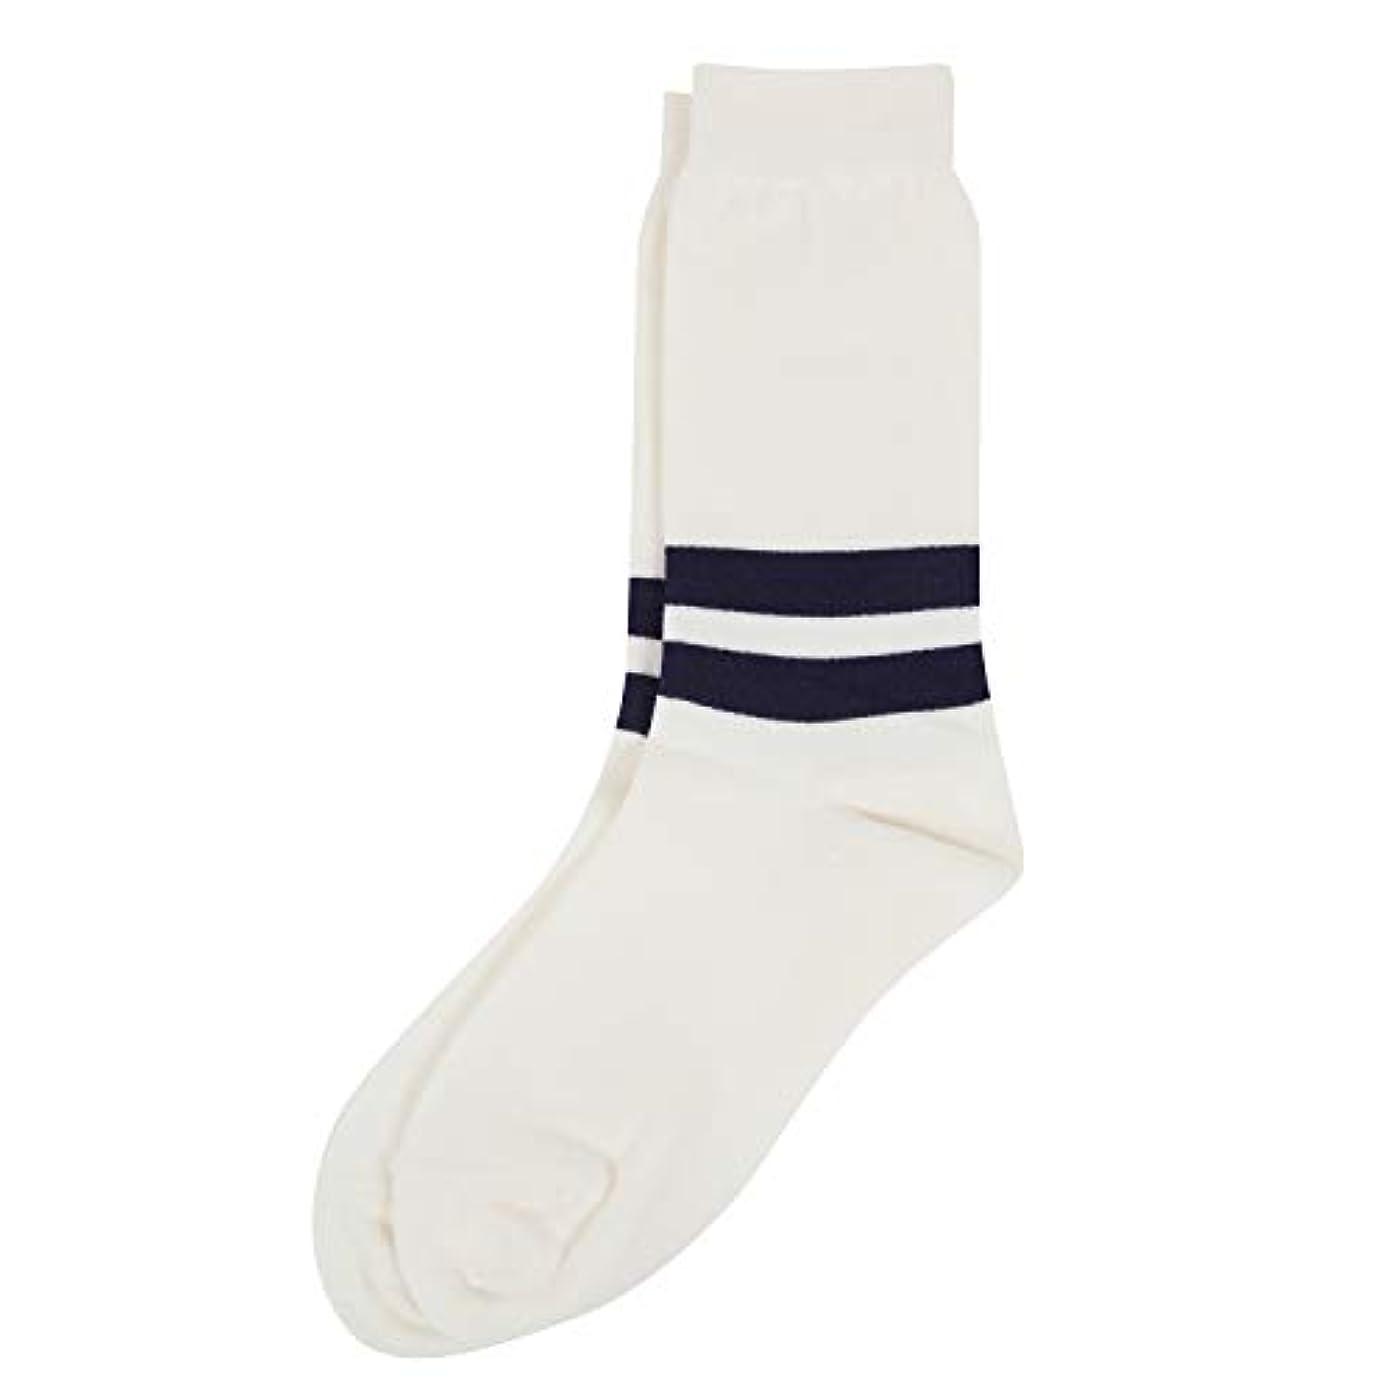 シエスタ死の顎体現するDeol(デオル) ラインソックス 男性用 メンズ [足のニオイ対策] 長期間持続 日本製 無地 靴下 白 25cm-27cm